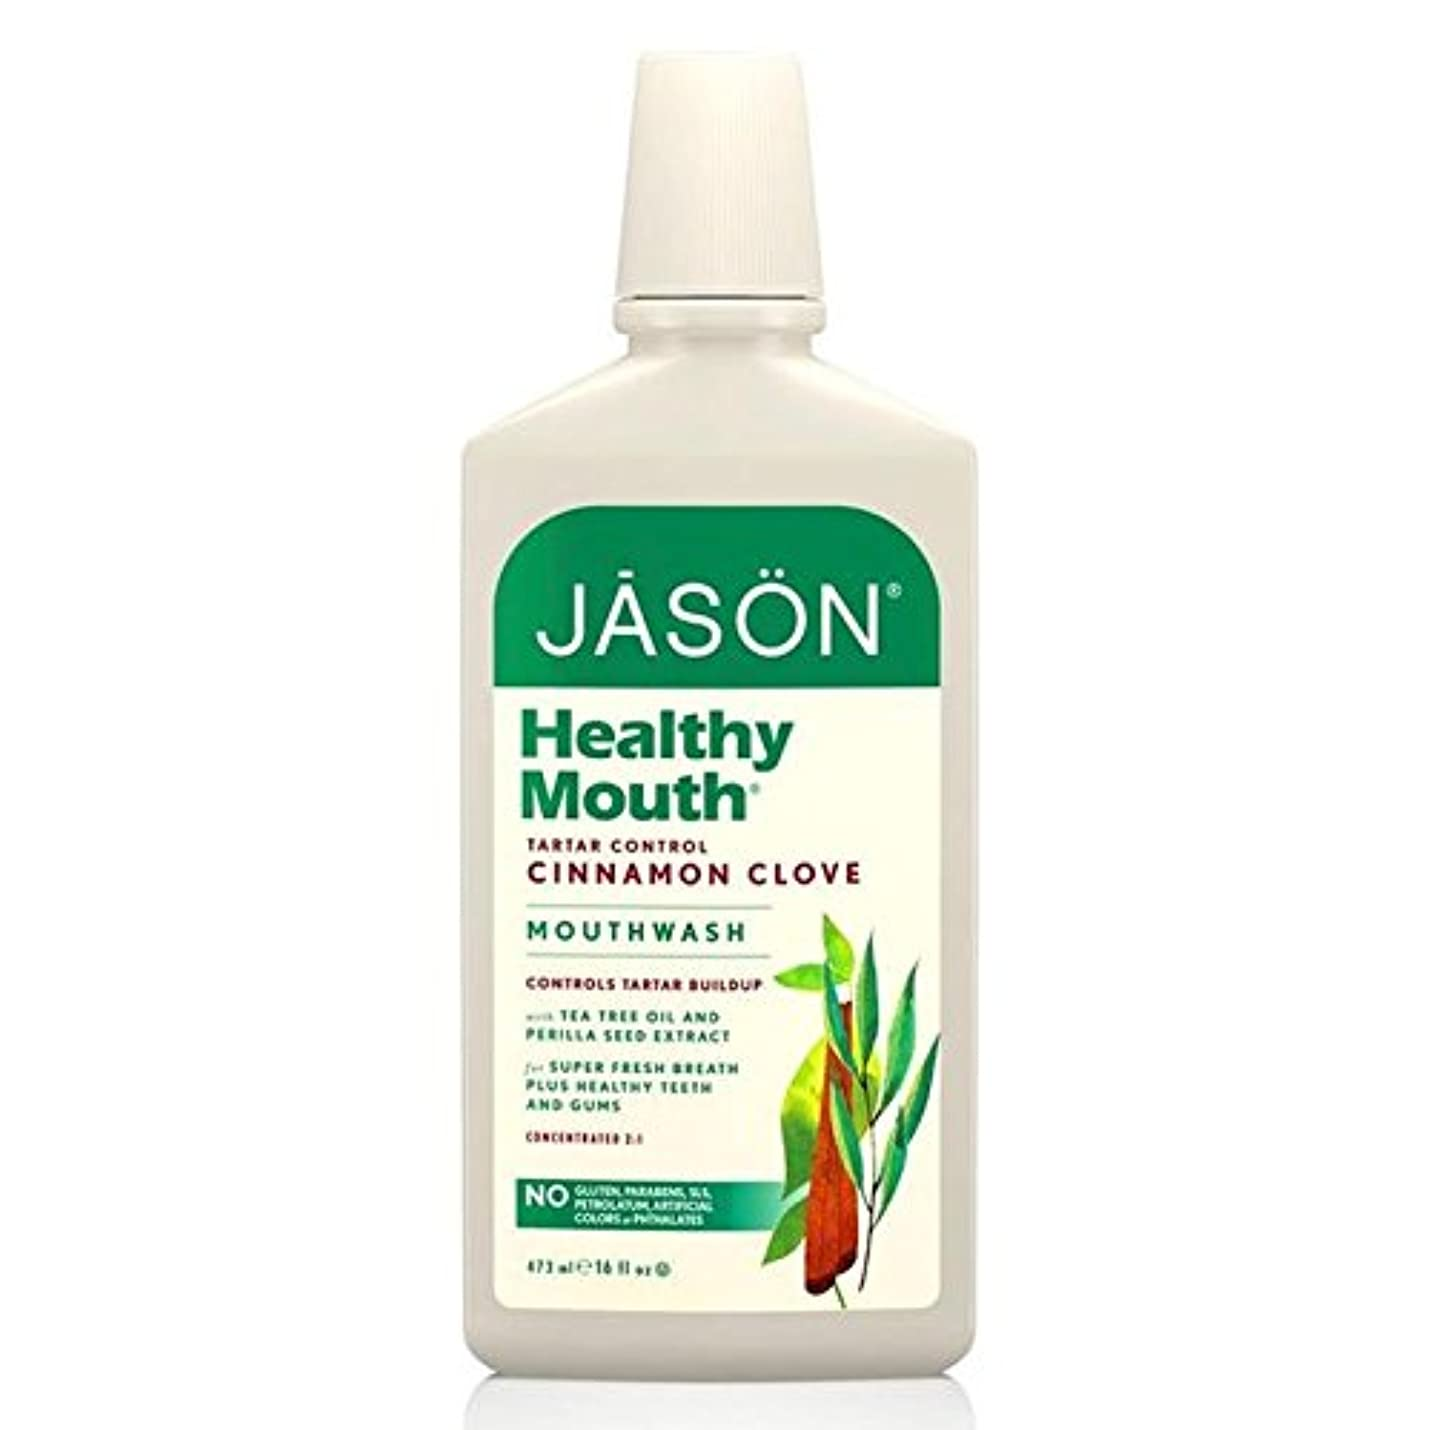 孤独失礼な陸軍Jason Healthy Mouthwash 480ml (Pack of 6) - ジェイソン?健康マウスウォッシュ480ミリリットル x6 [並行輸入品]